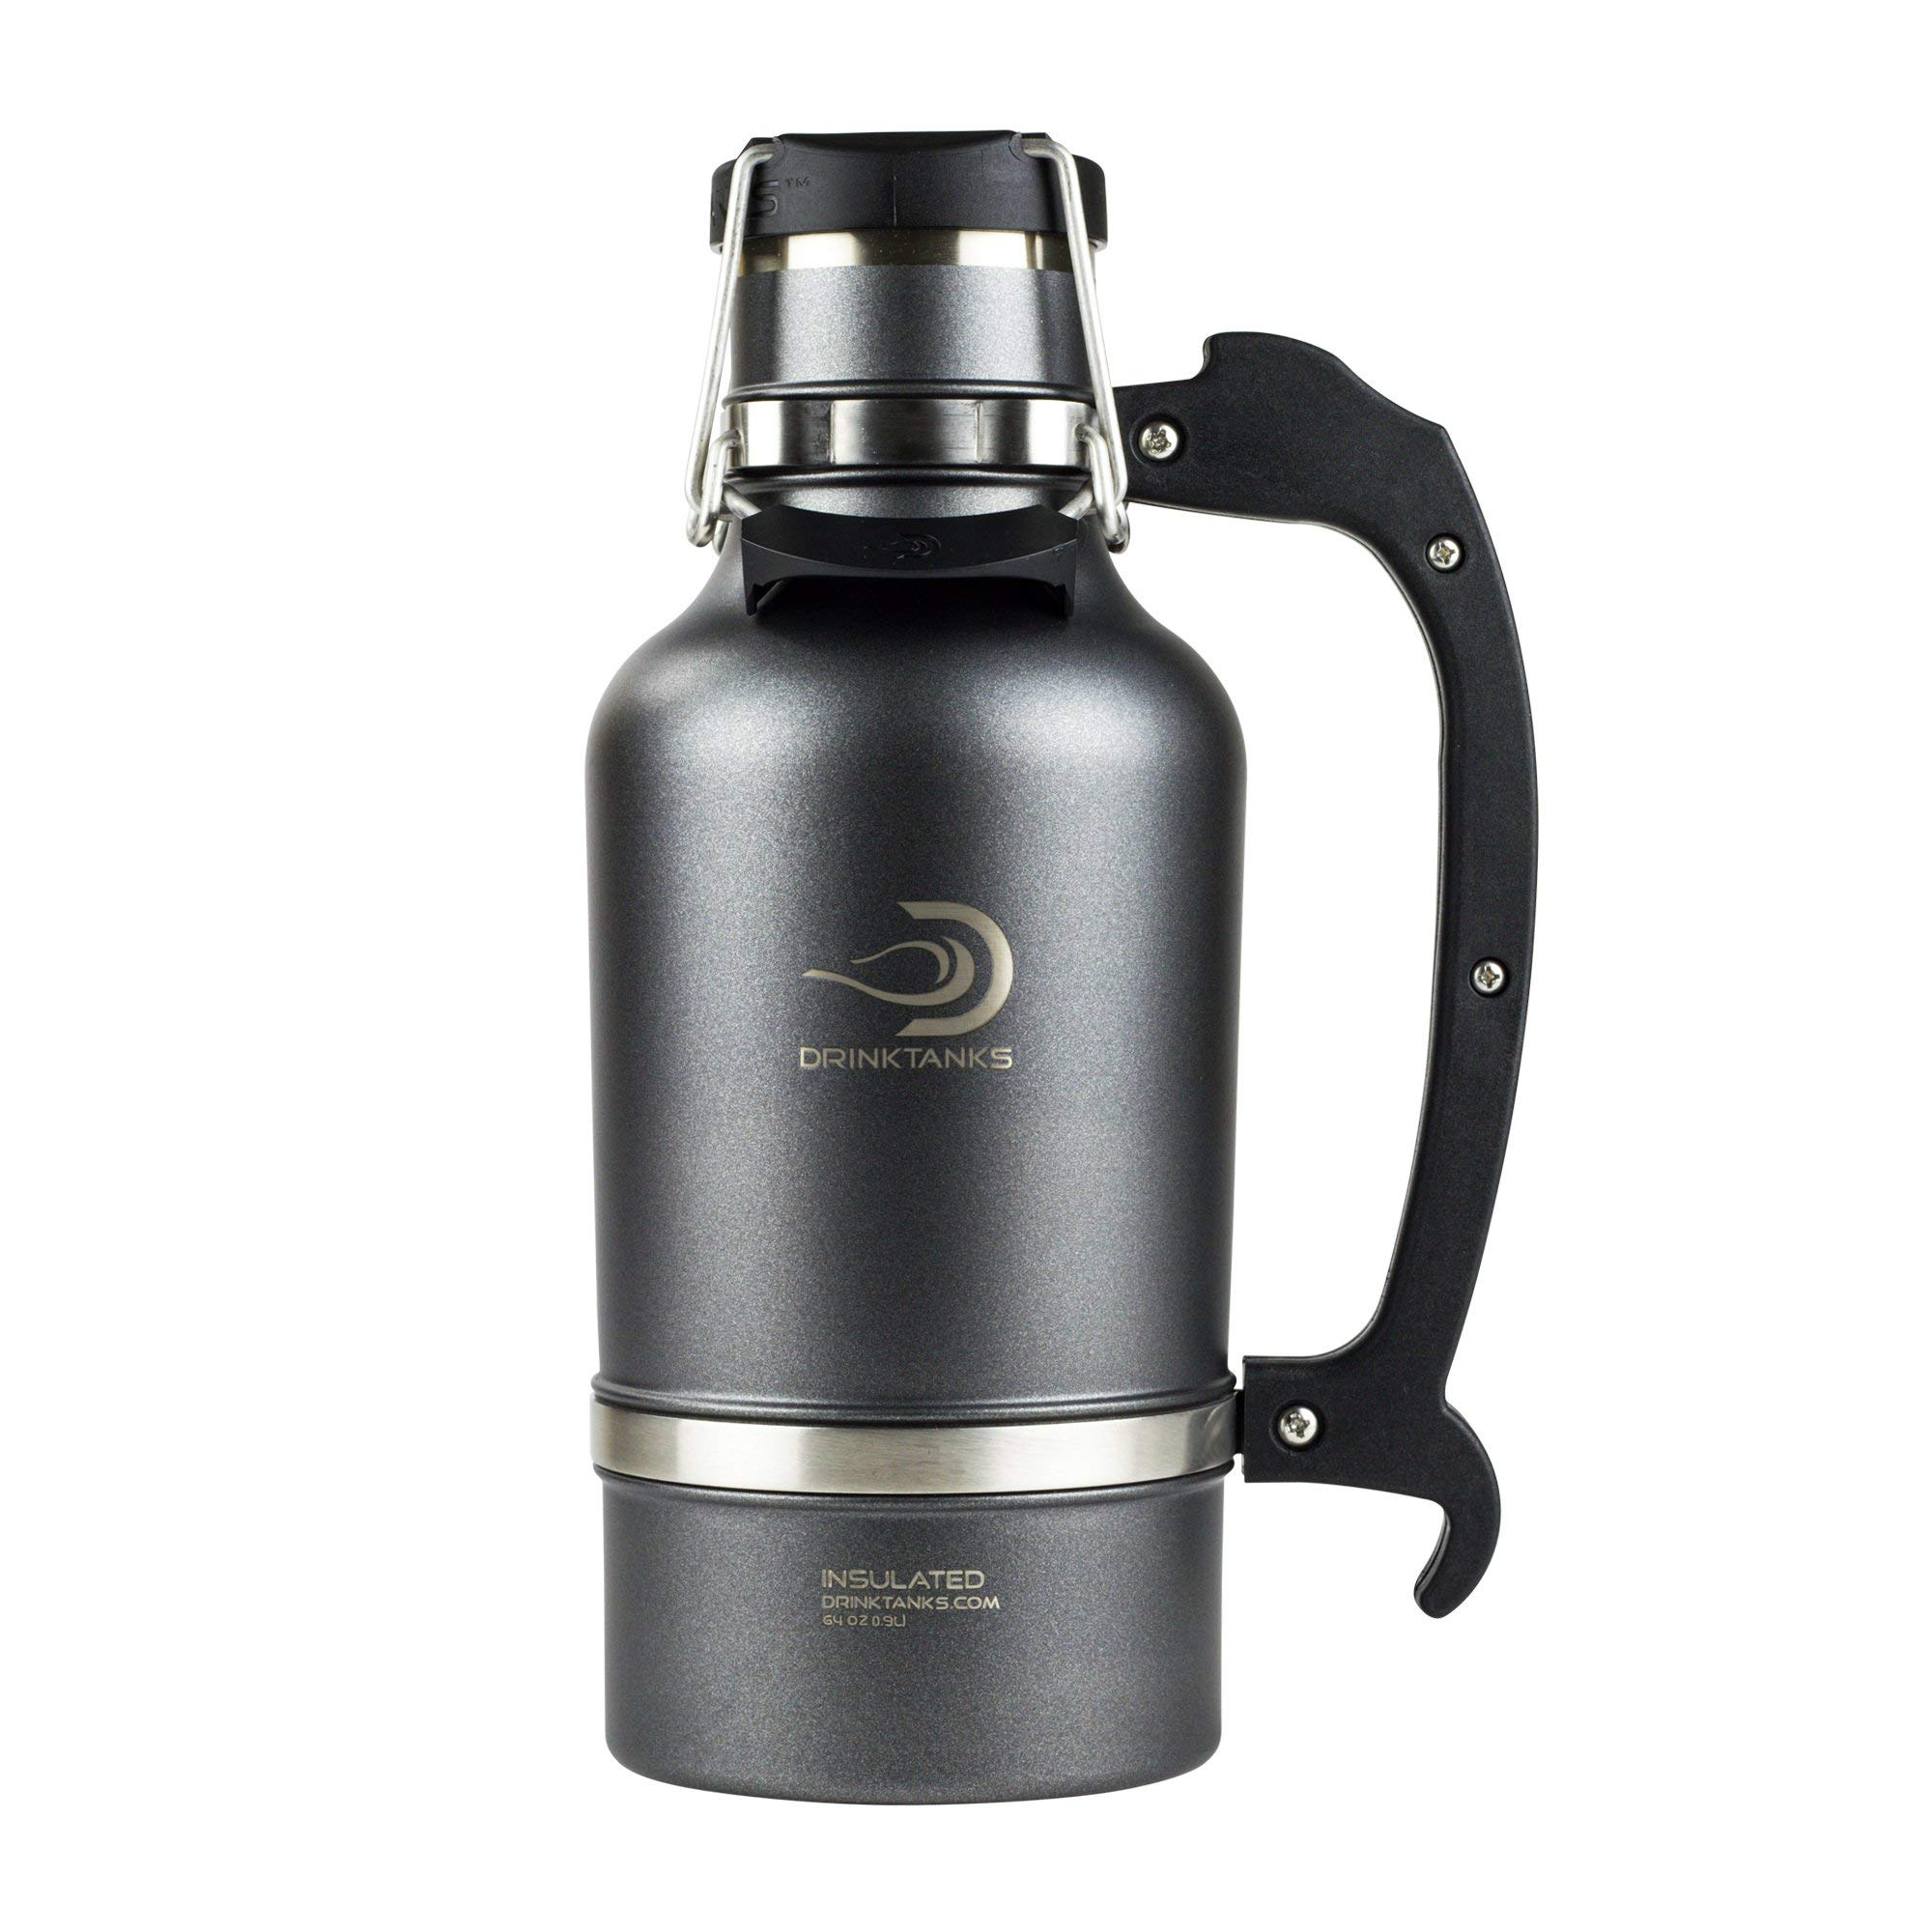 DrinkTanks Vacuum Insulated Stainless Steel Beer Growler, 64 oz. (Renewed)